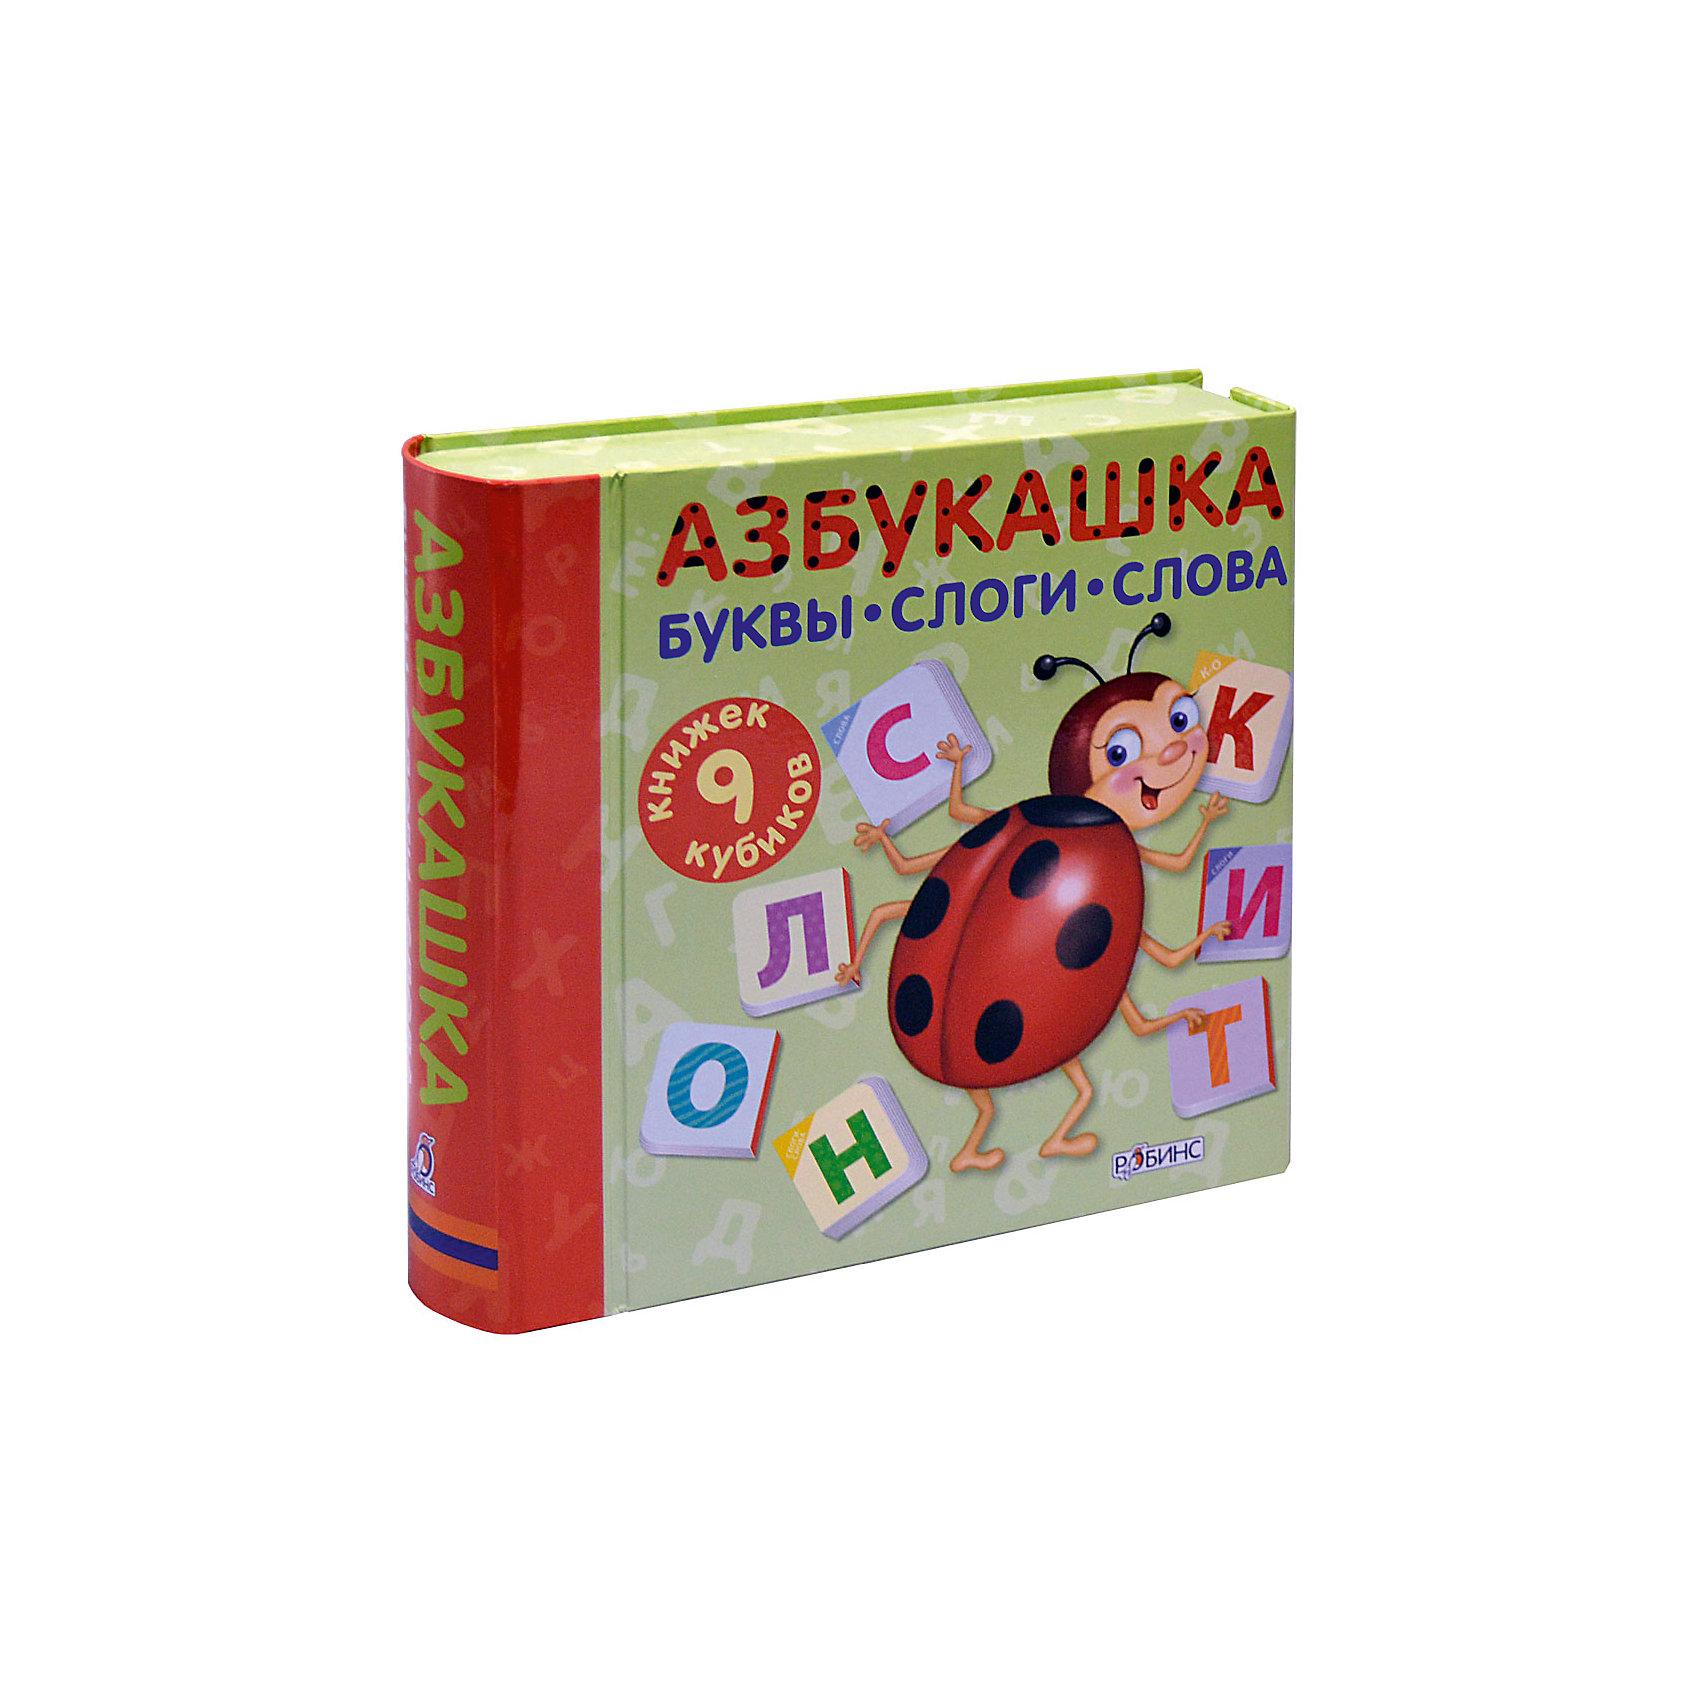 Набор из 9 книжек АзбукашкаЭто набор из 9 книжек-кубиков с буквами, слогами, словами и яркими картинками животных. Набор подходит для малышей, которые ещё только начинают изучать первые буквы, и тем, кто уже учится составлять слоги и слова. Игра с мини-книжками способствует развитию речи, мышления, памяти, восприятия и мелкой моторики. <br>С помощью мини-книжек из набора «АЗБУКАШКА. Буквы, слоги, слова» ребёнок<br>- Выучит буквы и запомнит названия.<br>- Научится читать слоги и простые слова.<br>- Сможет собрать названия разных животных из букв на обложках мини-книжек и ещё много-много других слов!<br>Более подробную инструкцию вы найдёте внутри коробки.<br>С помощью мини-книжек обычное изучение букв и слогов превратится в интересную и увлекательную игру. Книжки-кубики по размеру идеально подходят для детской ручки, их странички сделаны из прочного и безопасного материала, поэтому подходят для активных игр и прослужат долго. <br>Книжки-кубики легко превращаются в игрушки – погремушки-трещётки и кубики, из которых можно собирать башенки. Набор создан для индивидуальной и групповой игры дома и в детских дошкольных учреждениях.<br><br>Дополнительная информация:<br><br>Художник Митченко Ю., Белоголовская Г., Емельянова С. <br>Страниц: 90<br>Формат: 16.3 x 18 x 4.2 см<br><br>Набор из 9 книжек Азбукашка можно купить в нашем магазине.<br><br>Ширина мм: 177<br>Глубина мм: 164<br>Высота мм: 40<br>Вес г: 554<br>Возраст от месяцев: 36<br>Возраст до месяцев: 2147483647<br>Пол: Унисекс<br>Возраст: Детский<br>SKU: 4610601